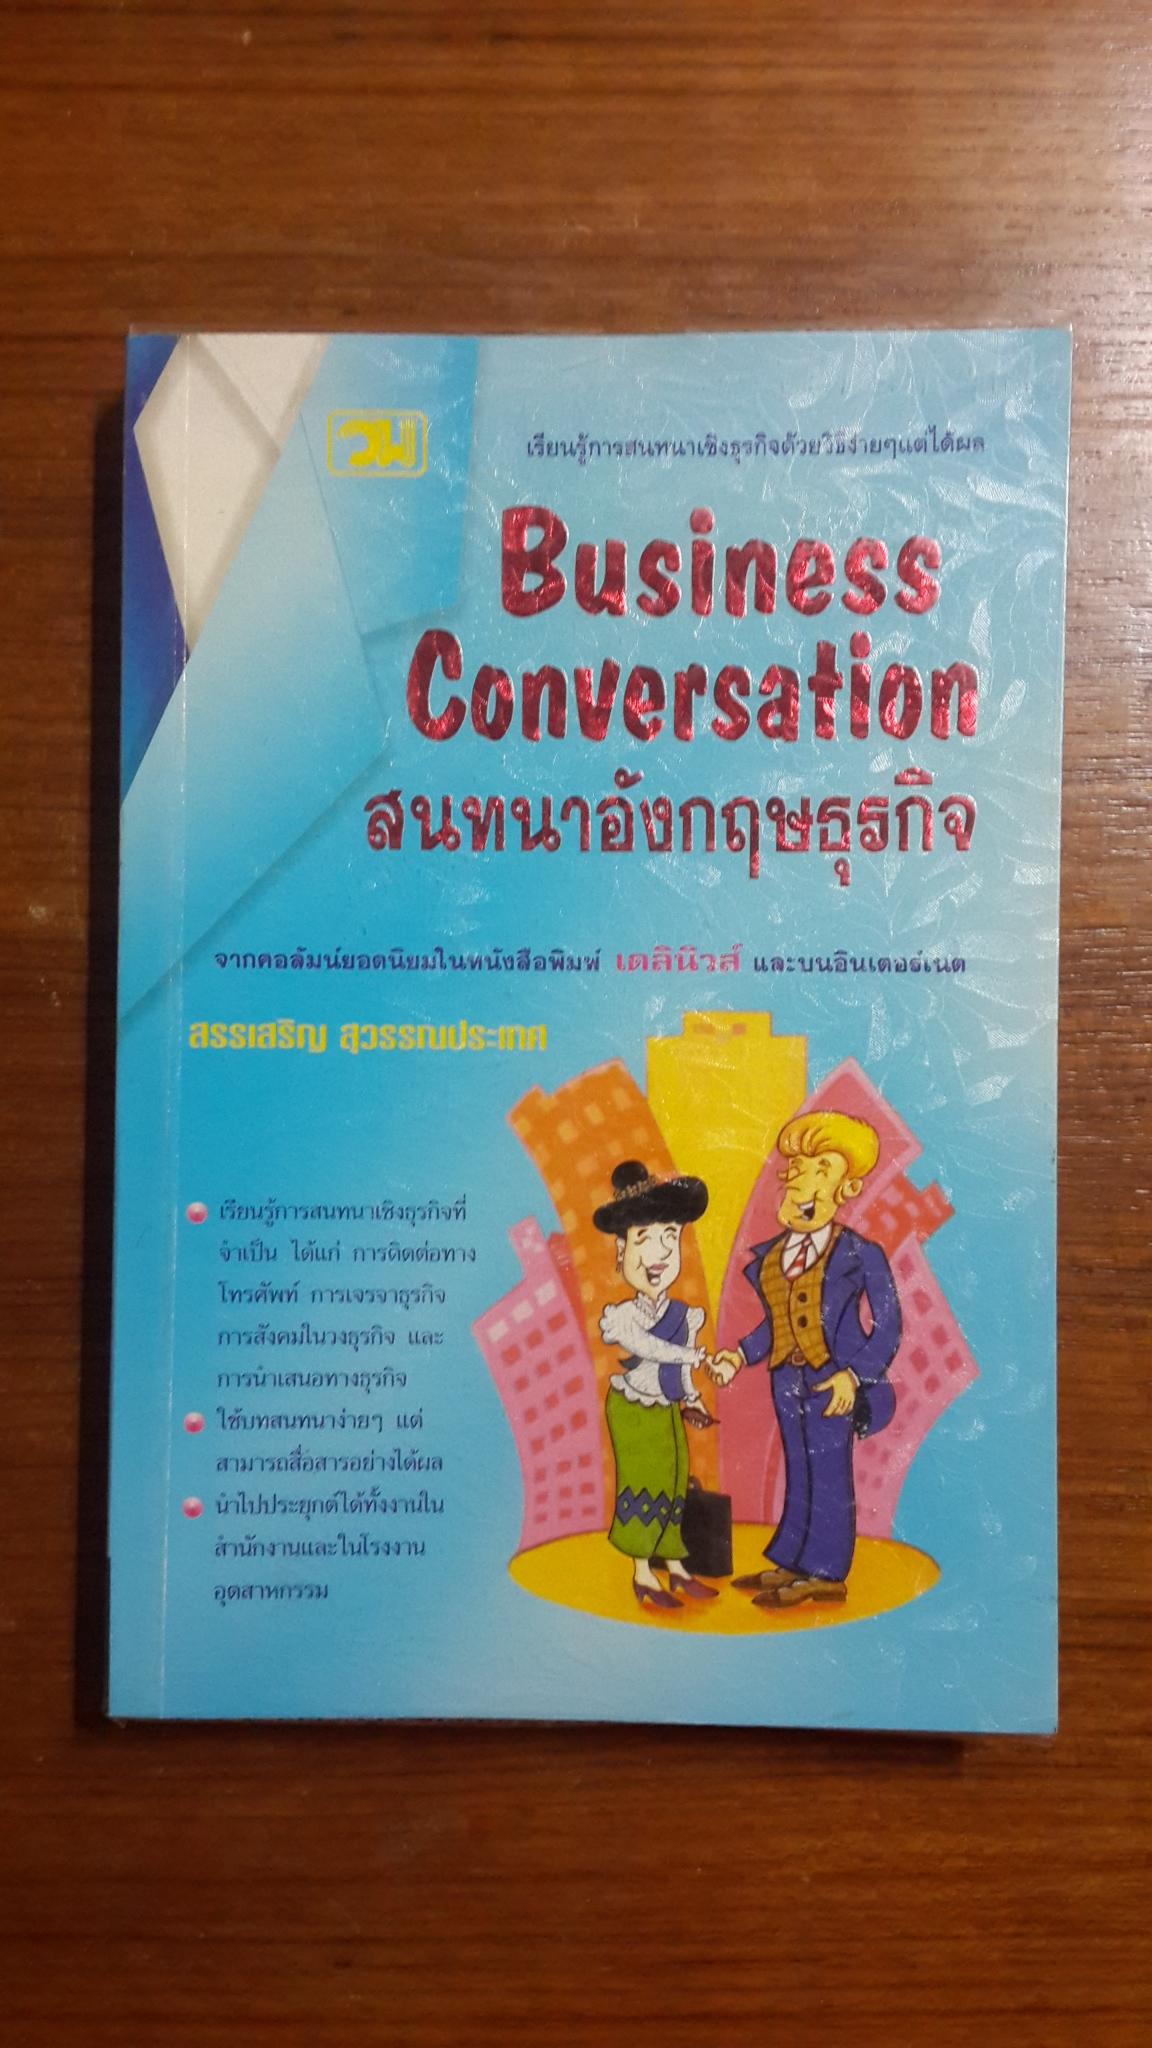 สนทนาอังกฤษธุรกิจ / สรรเสริญ สุวรรณประเทศ